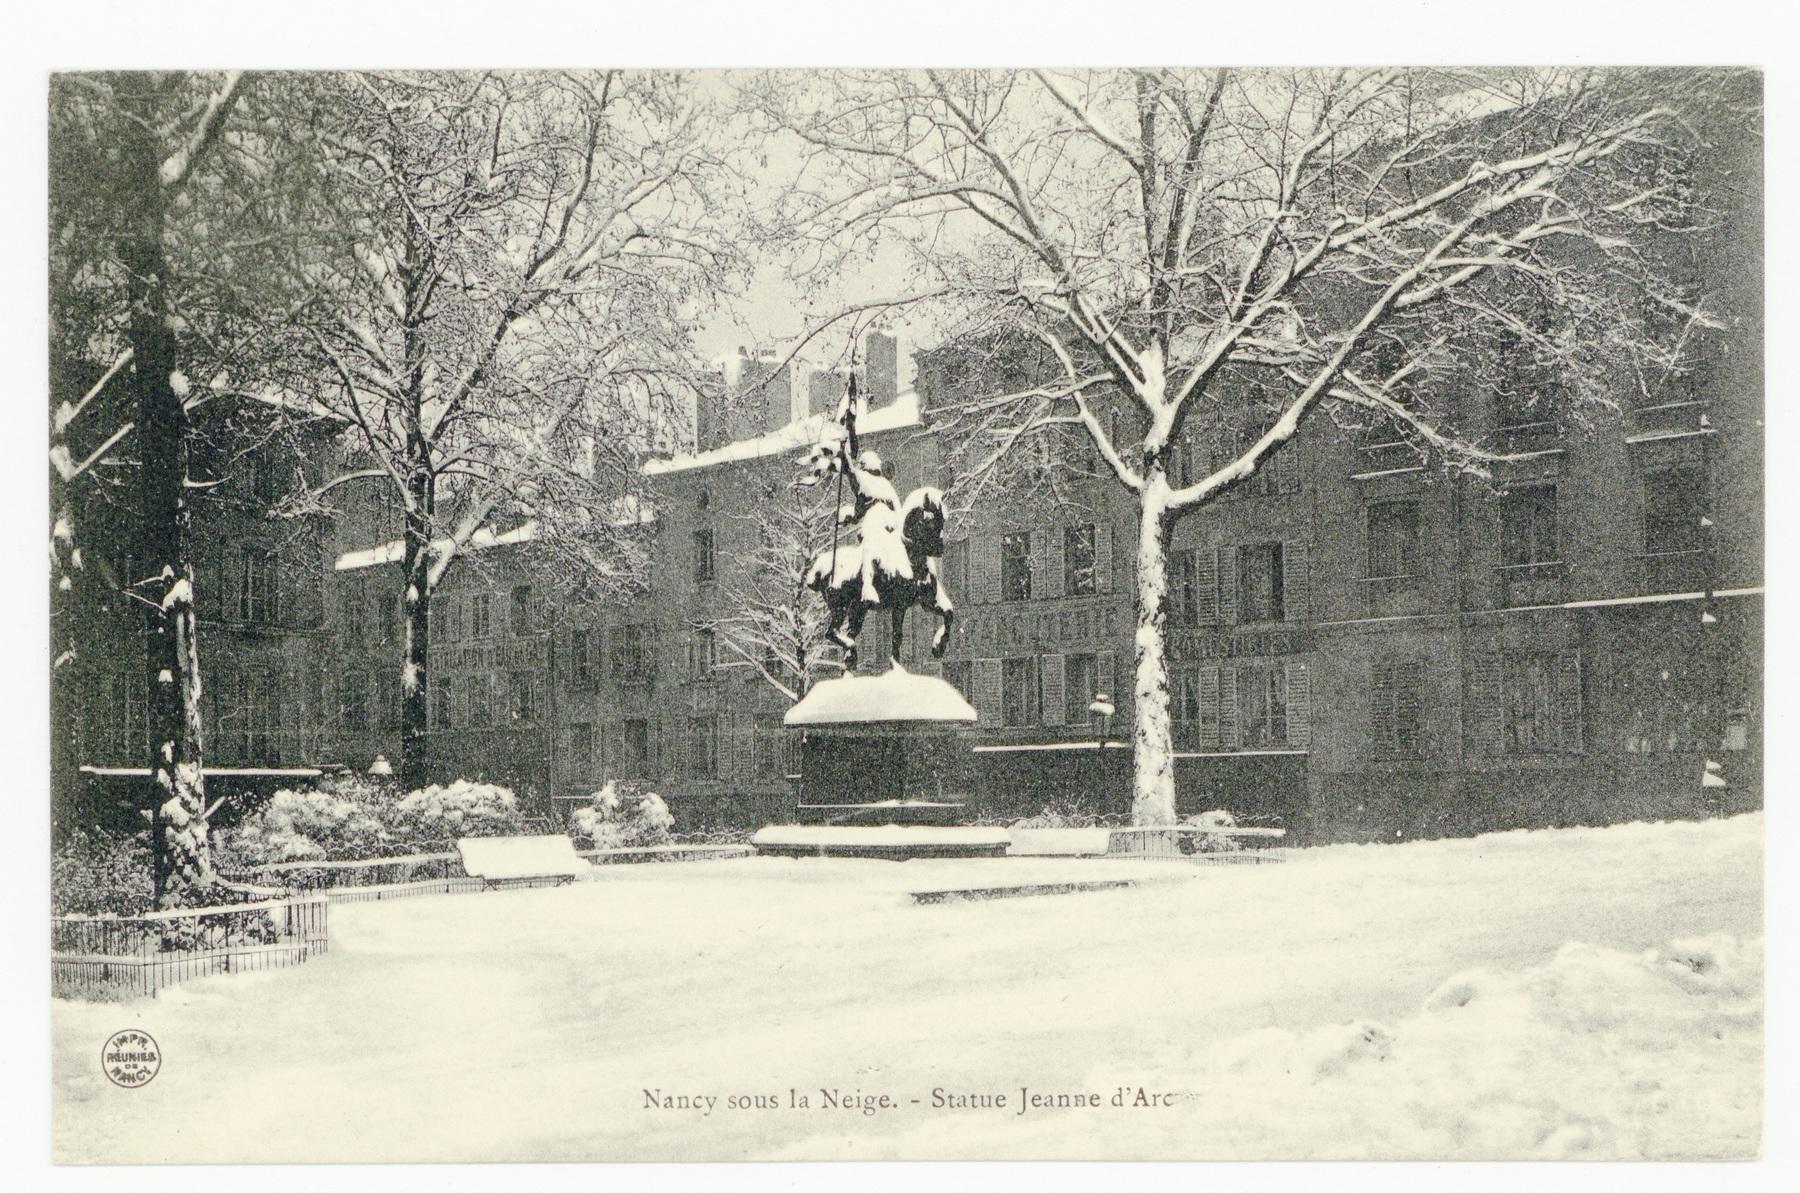 Contenu du Nancy sous la neige : statue de Jeanne d'Arc